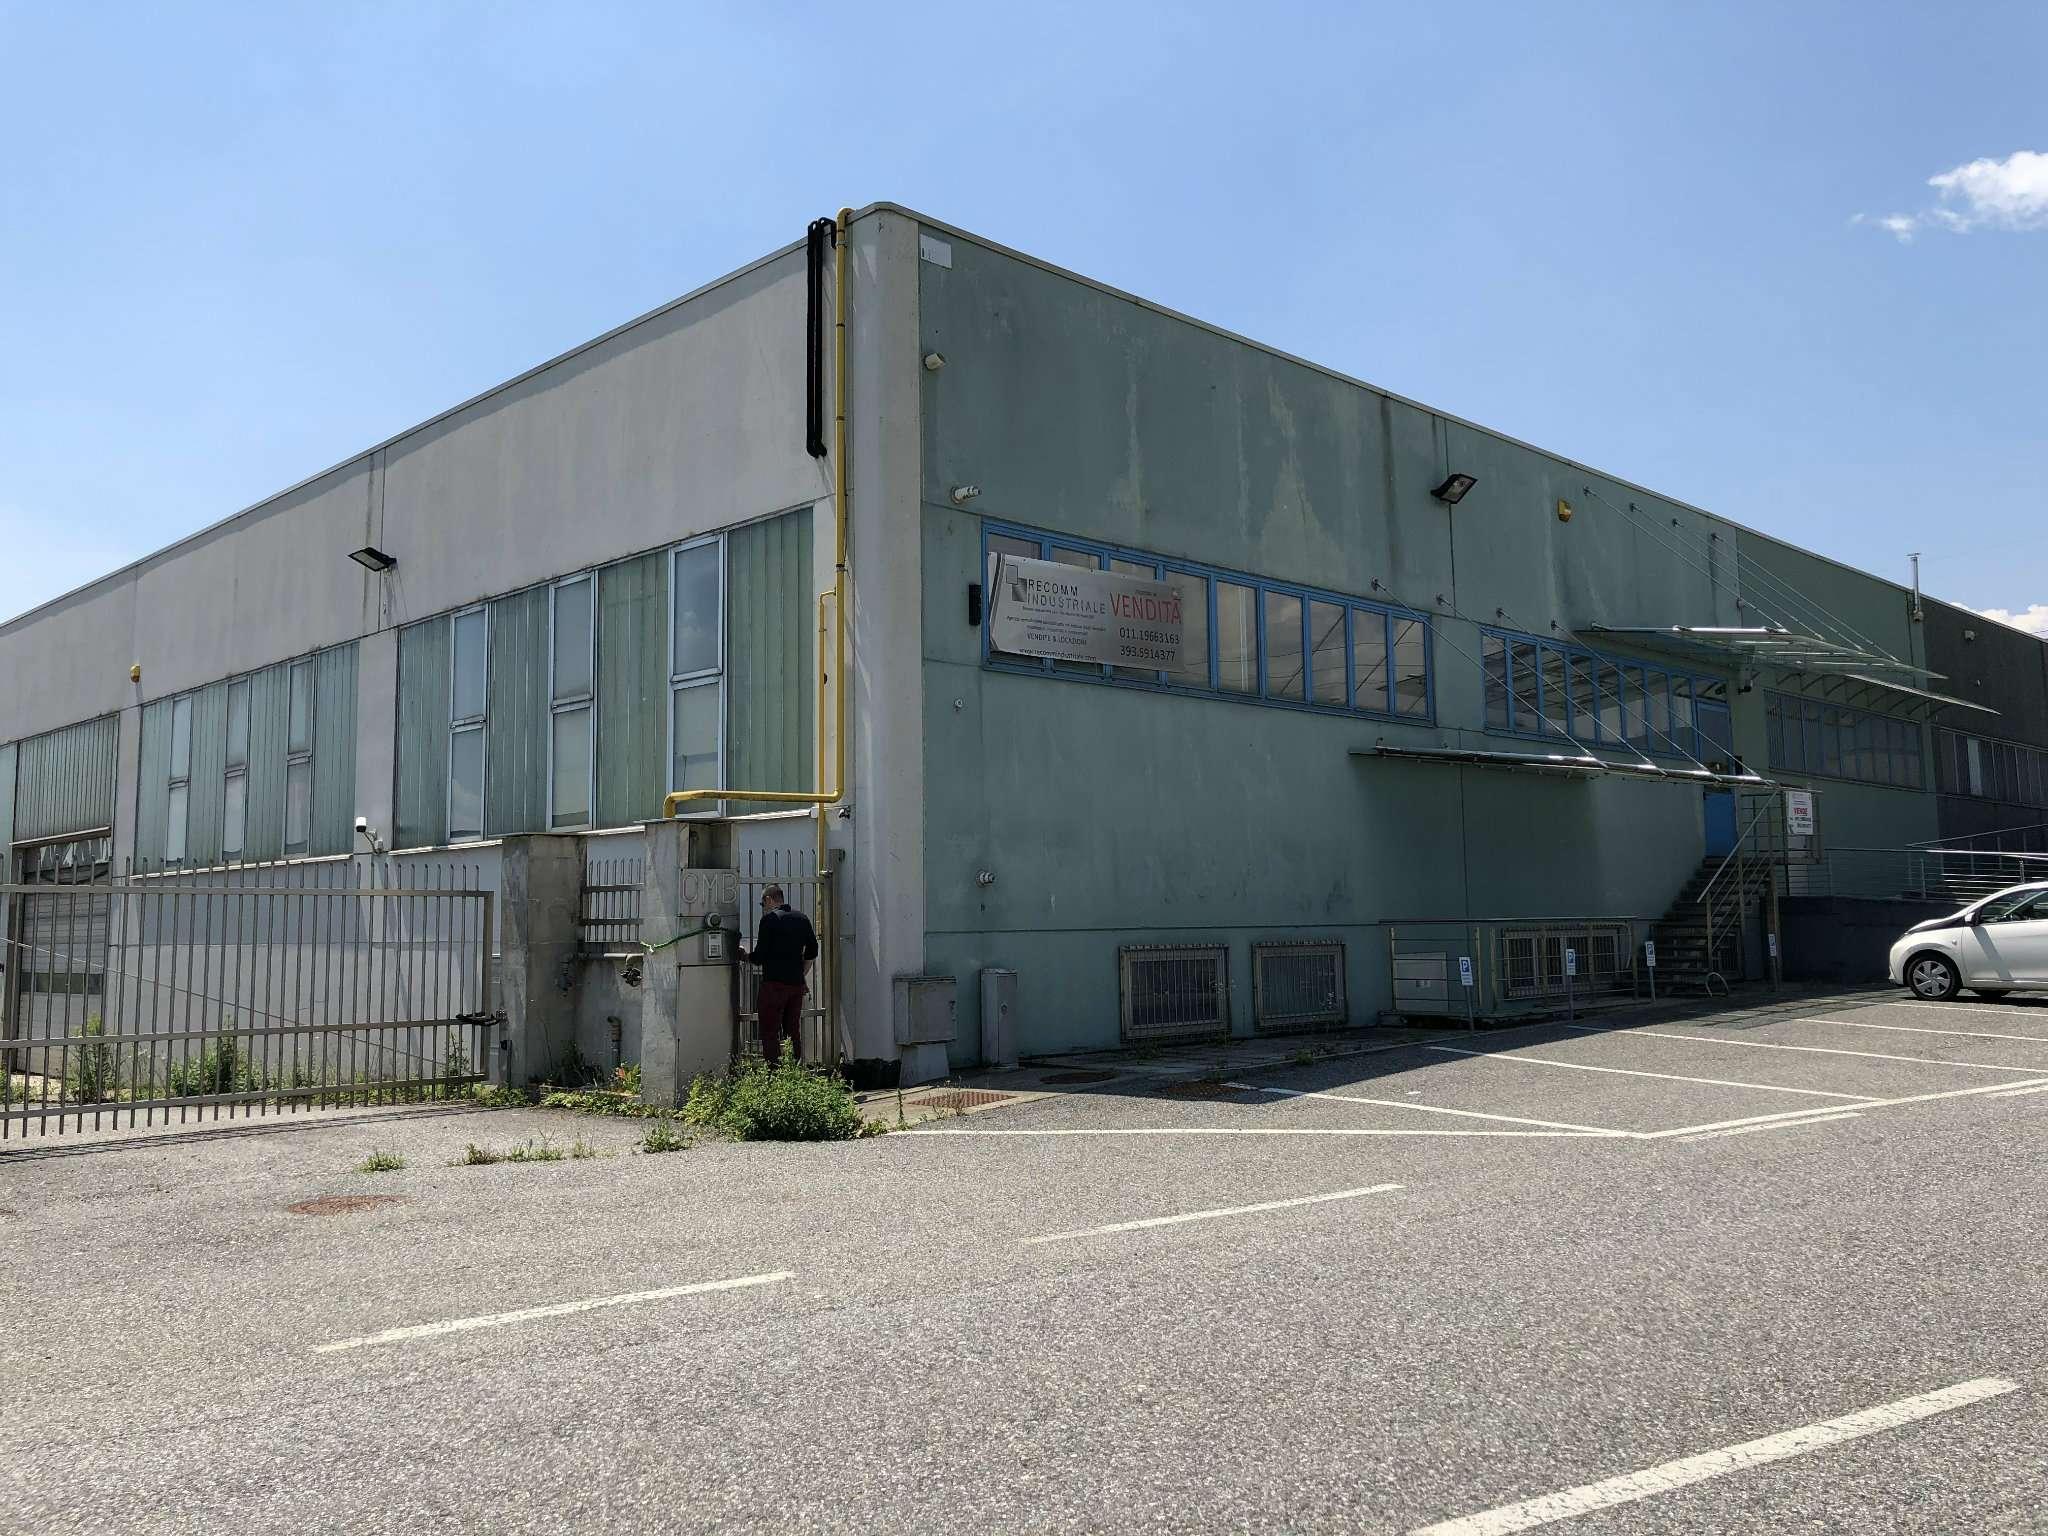 Capannone in vendita a Givoletto, 1 locali, prezzo € 870.000 | CambioCasa.it